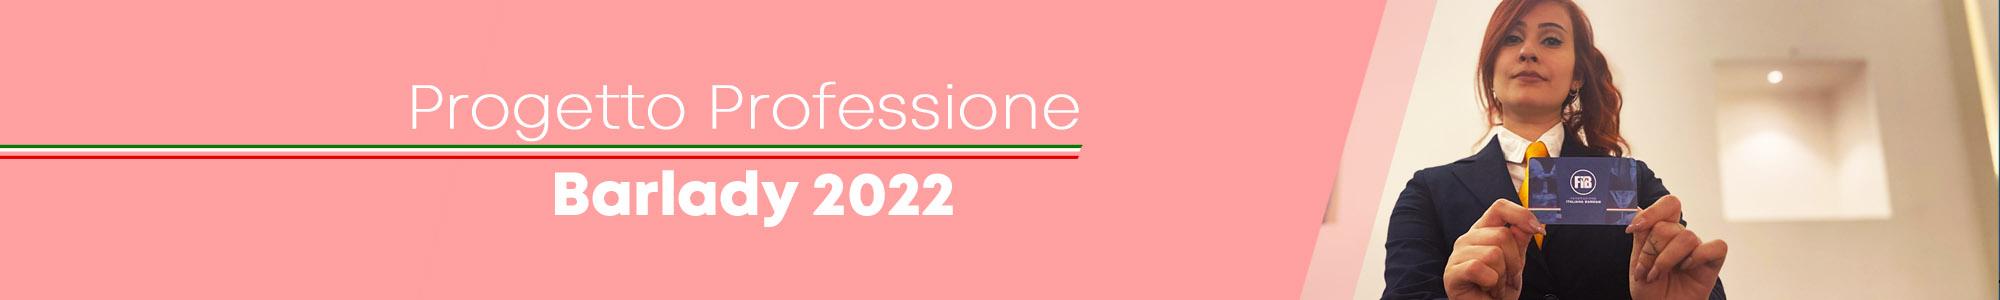 Progetto Professione Barlady 2021